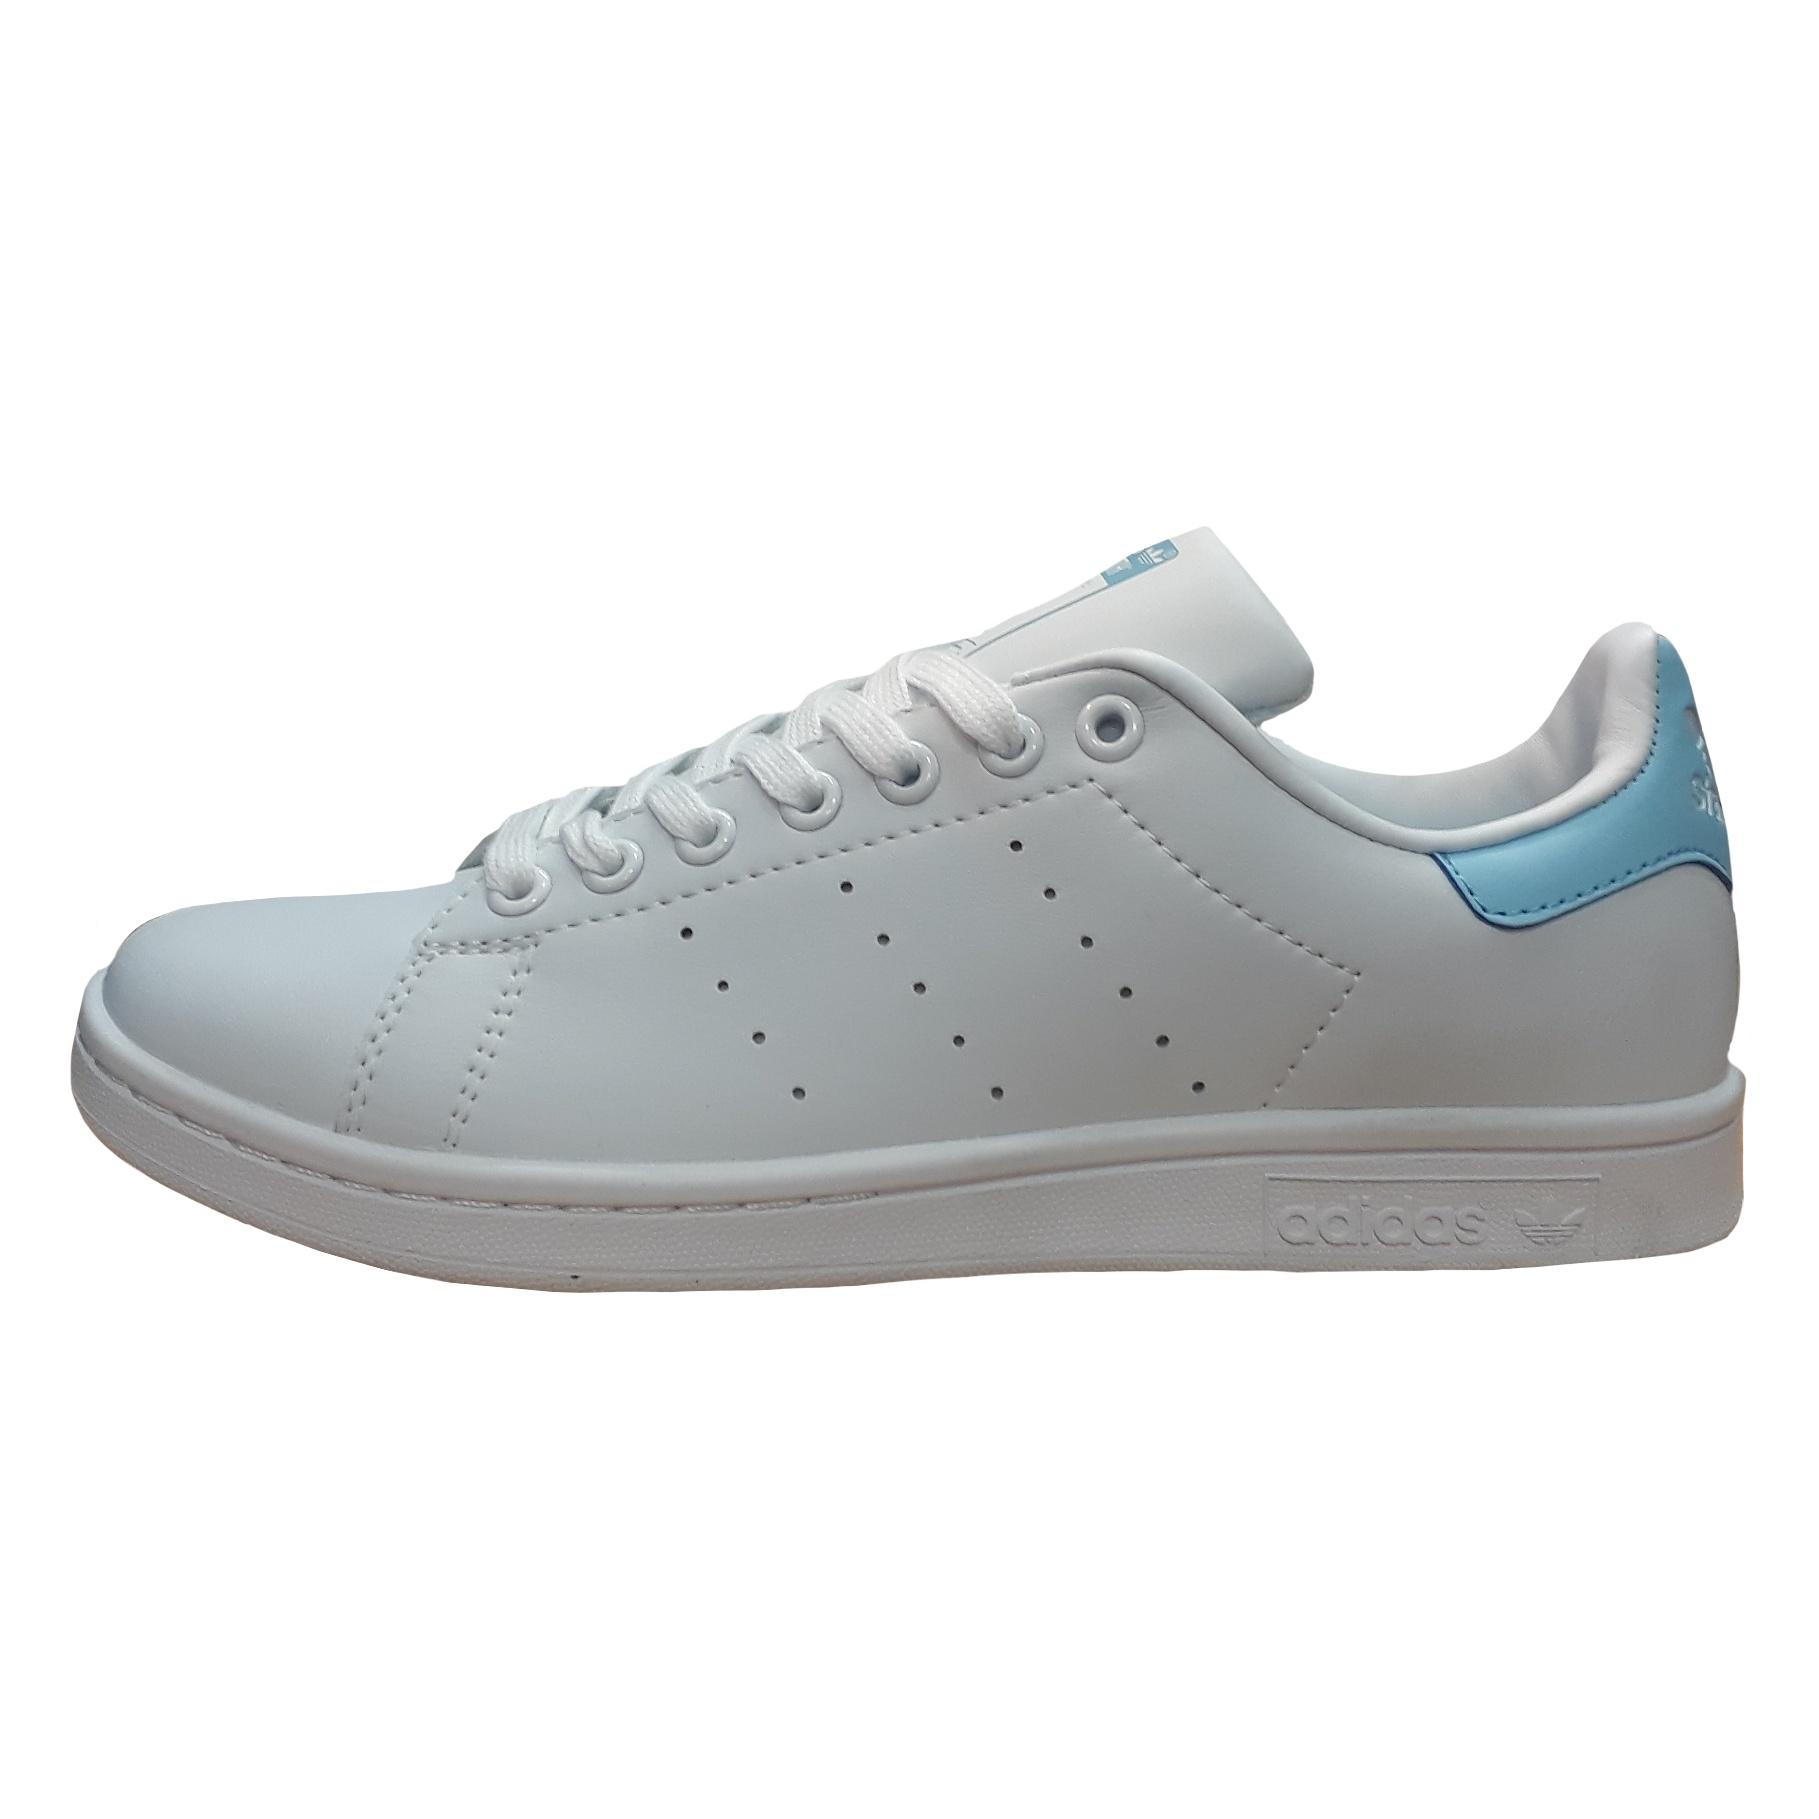 کفش مخصوص پیاده روی زنانه آدیداس مدل Stan smith